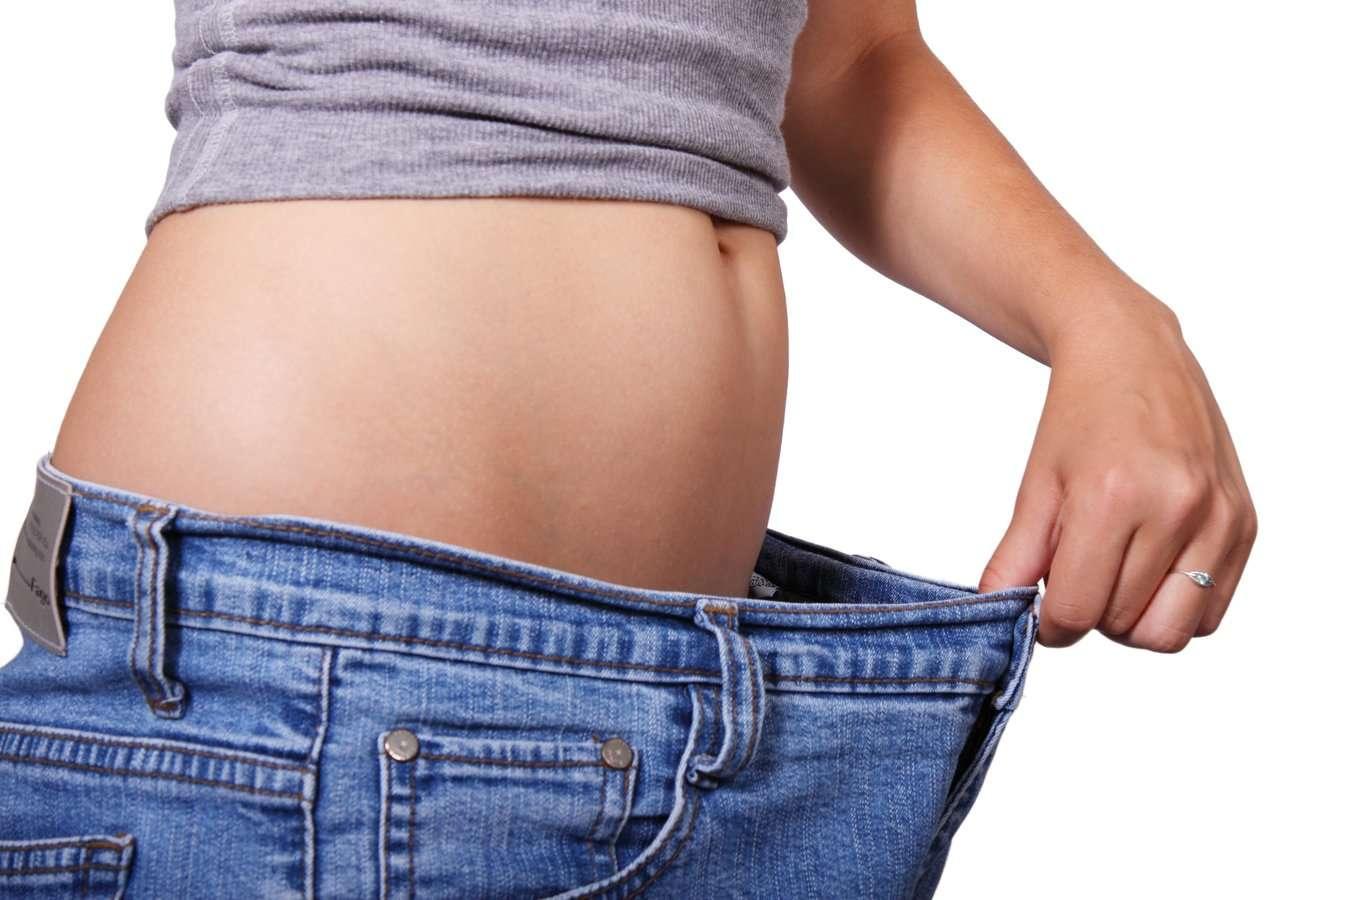 Come dimagrire 2 kg in 10 giorni